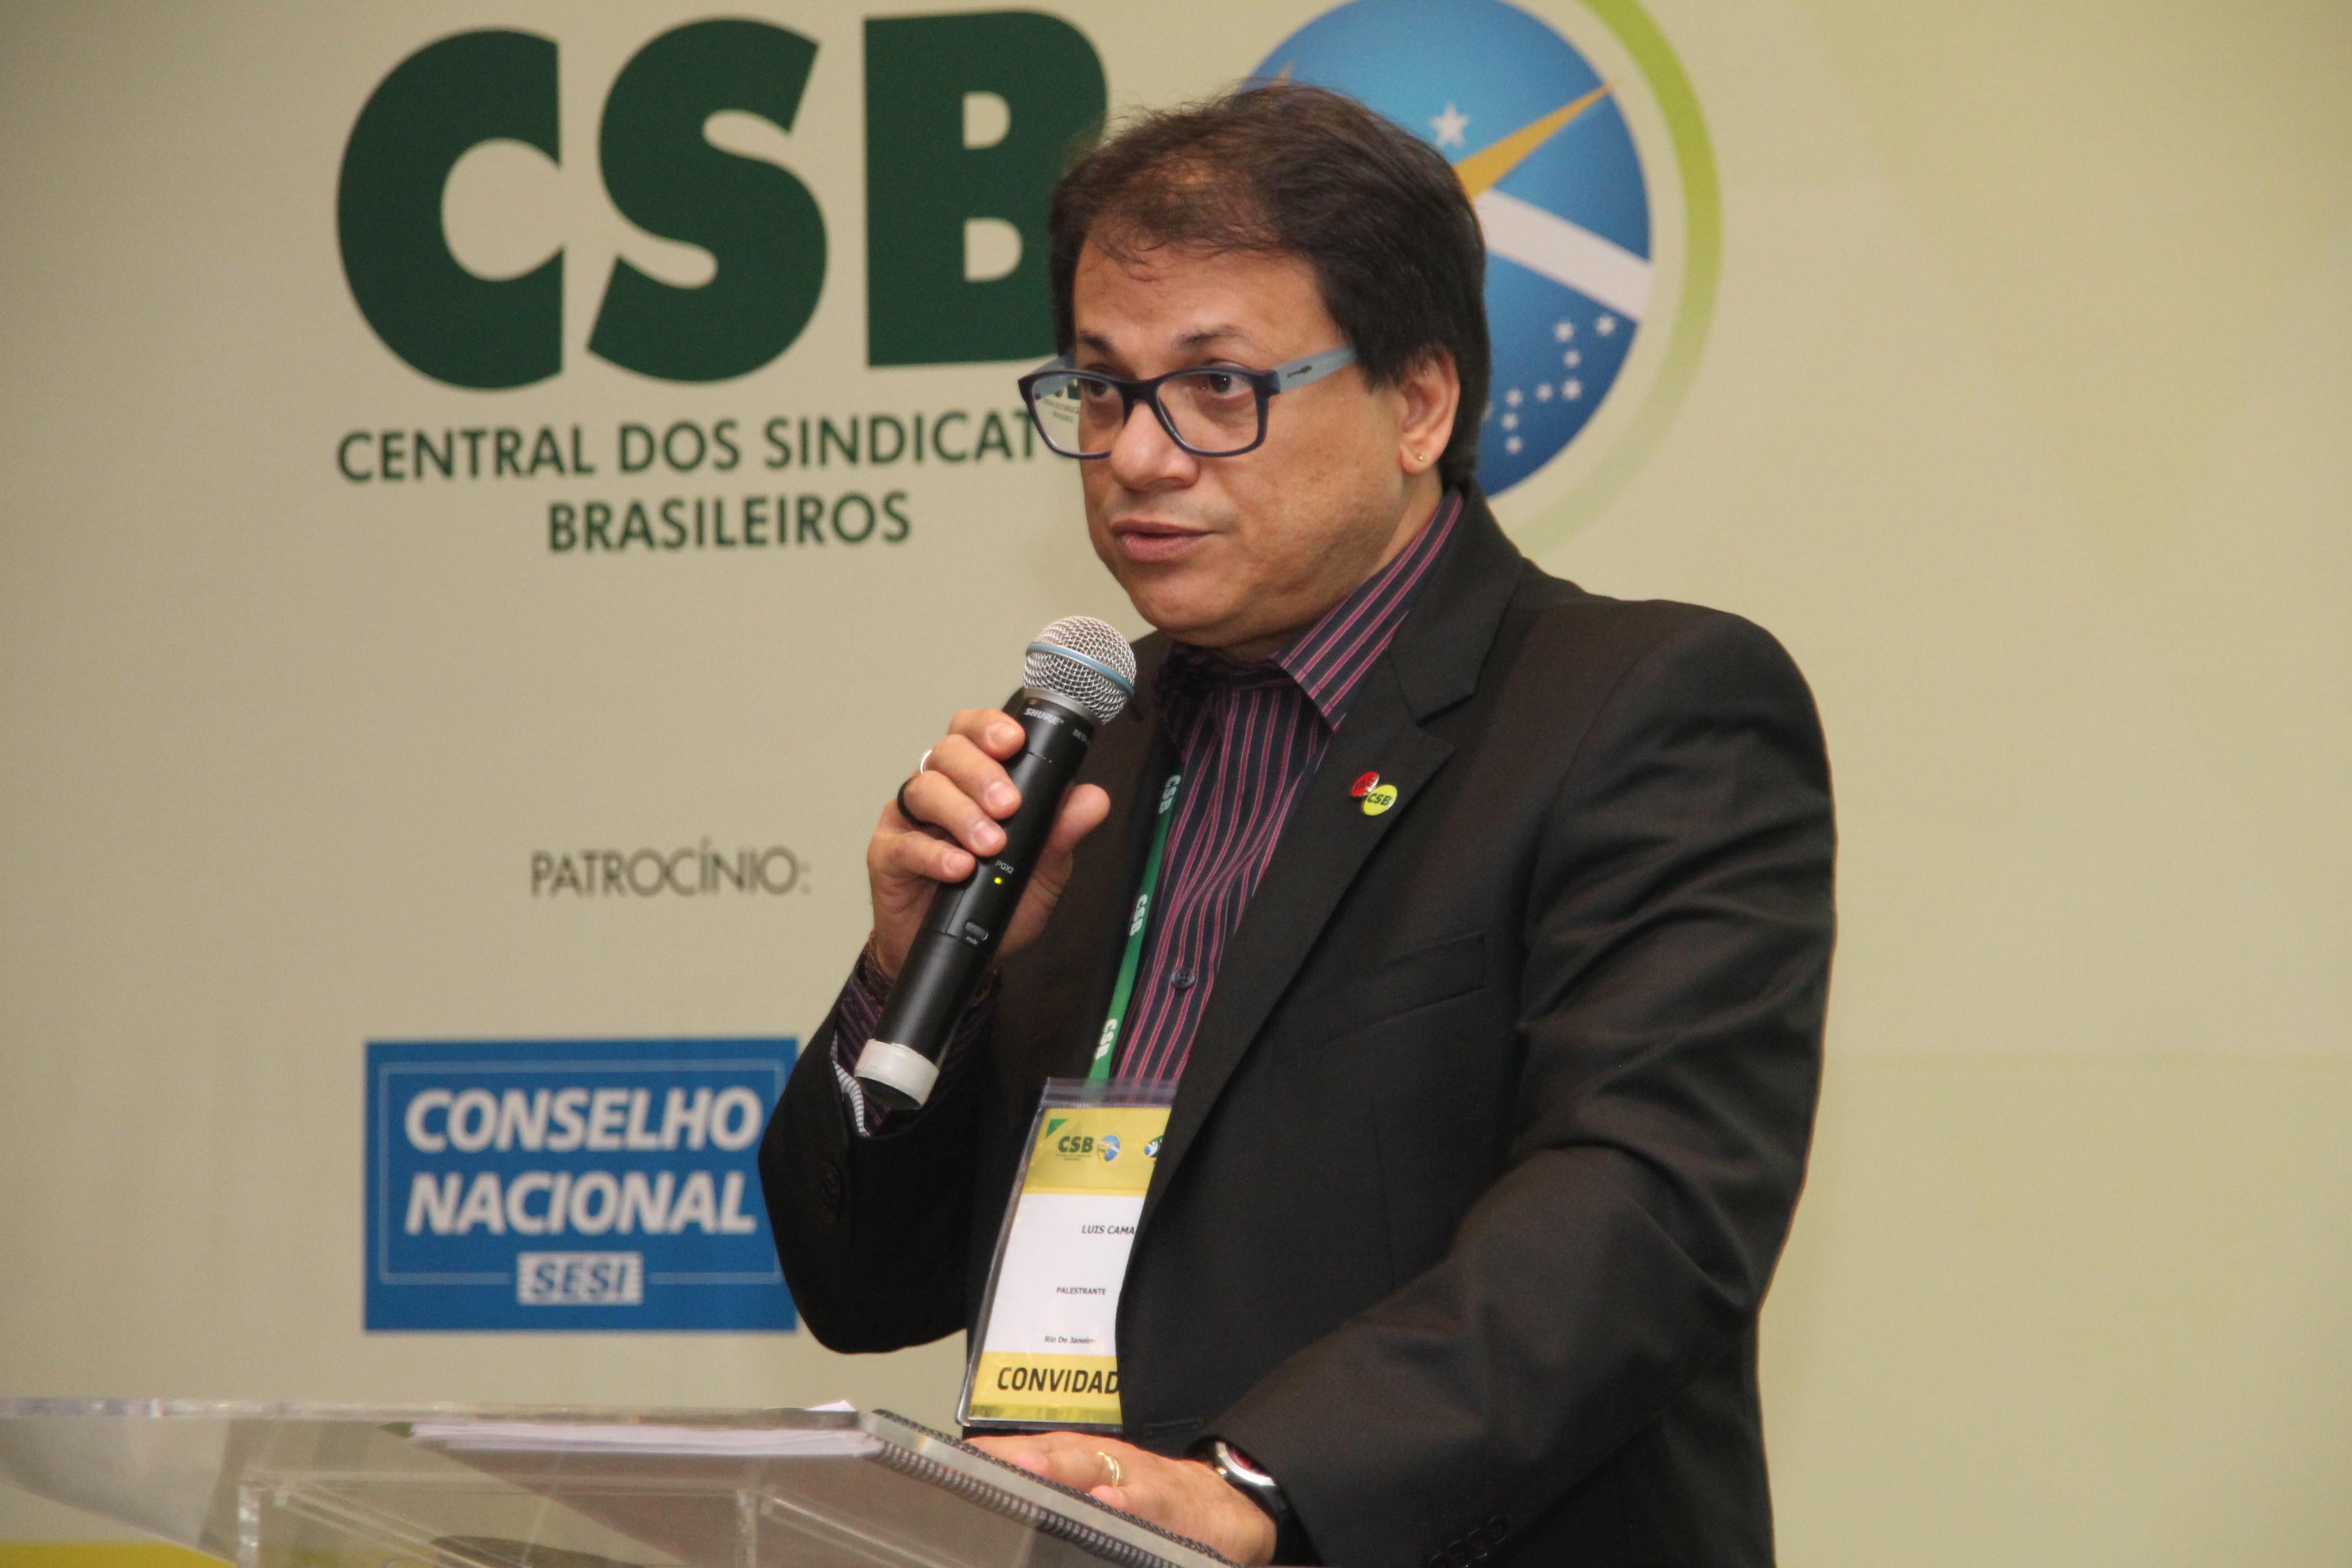 """Luís Antonio Camargo: """"O sindicato é que tem a prerrogativa de negociar coletivamente"""""""